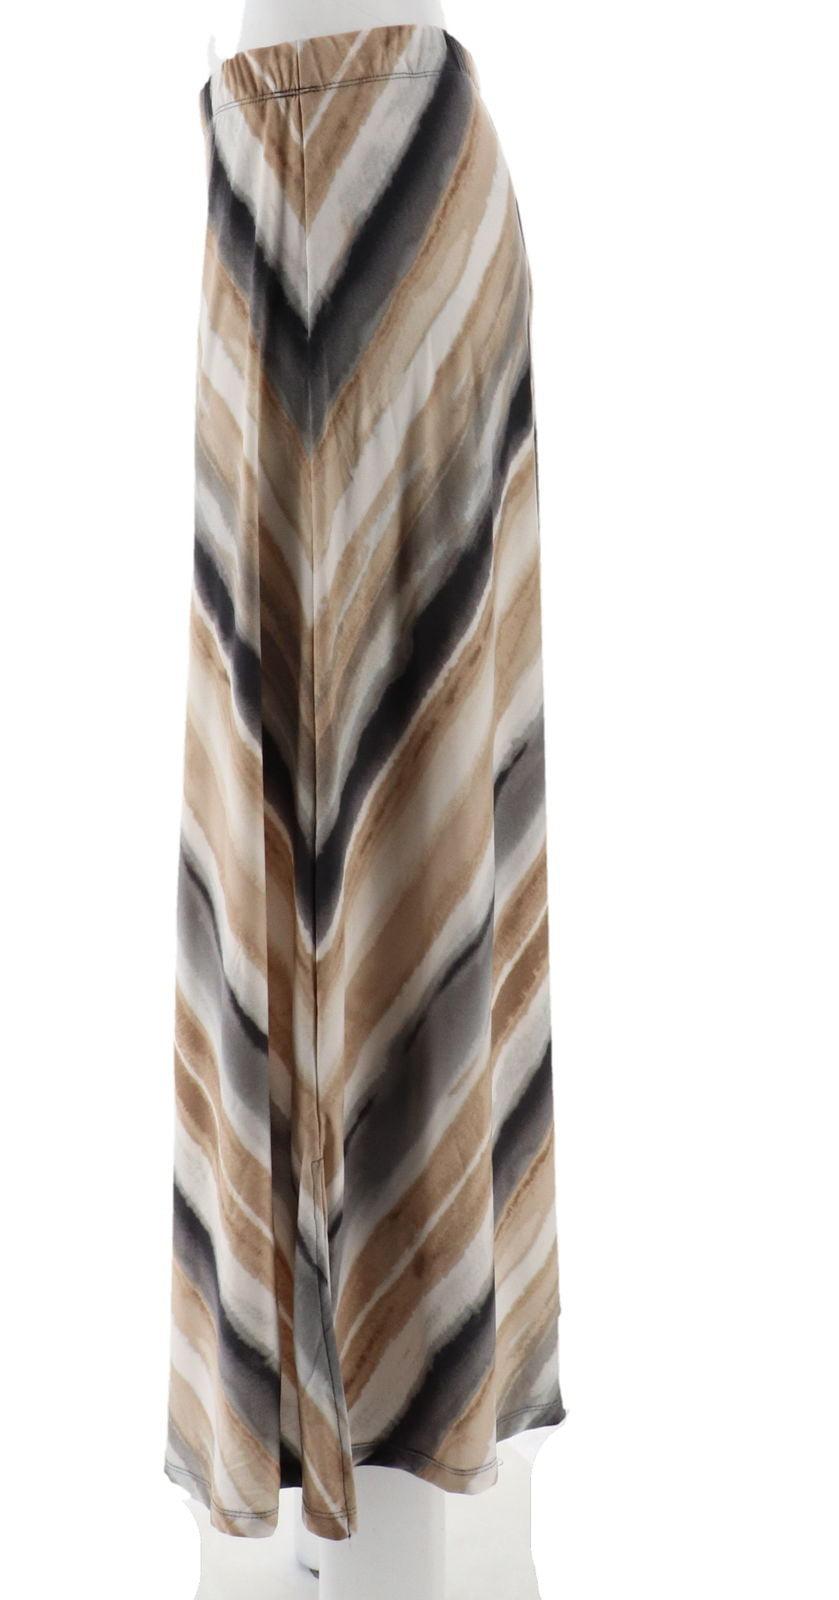 05a42df248 Susan Graver - Susan Graver Printed Liquid Knit Maxi Skirt Petite A290786 -  Walmart.com